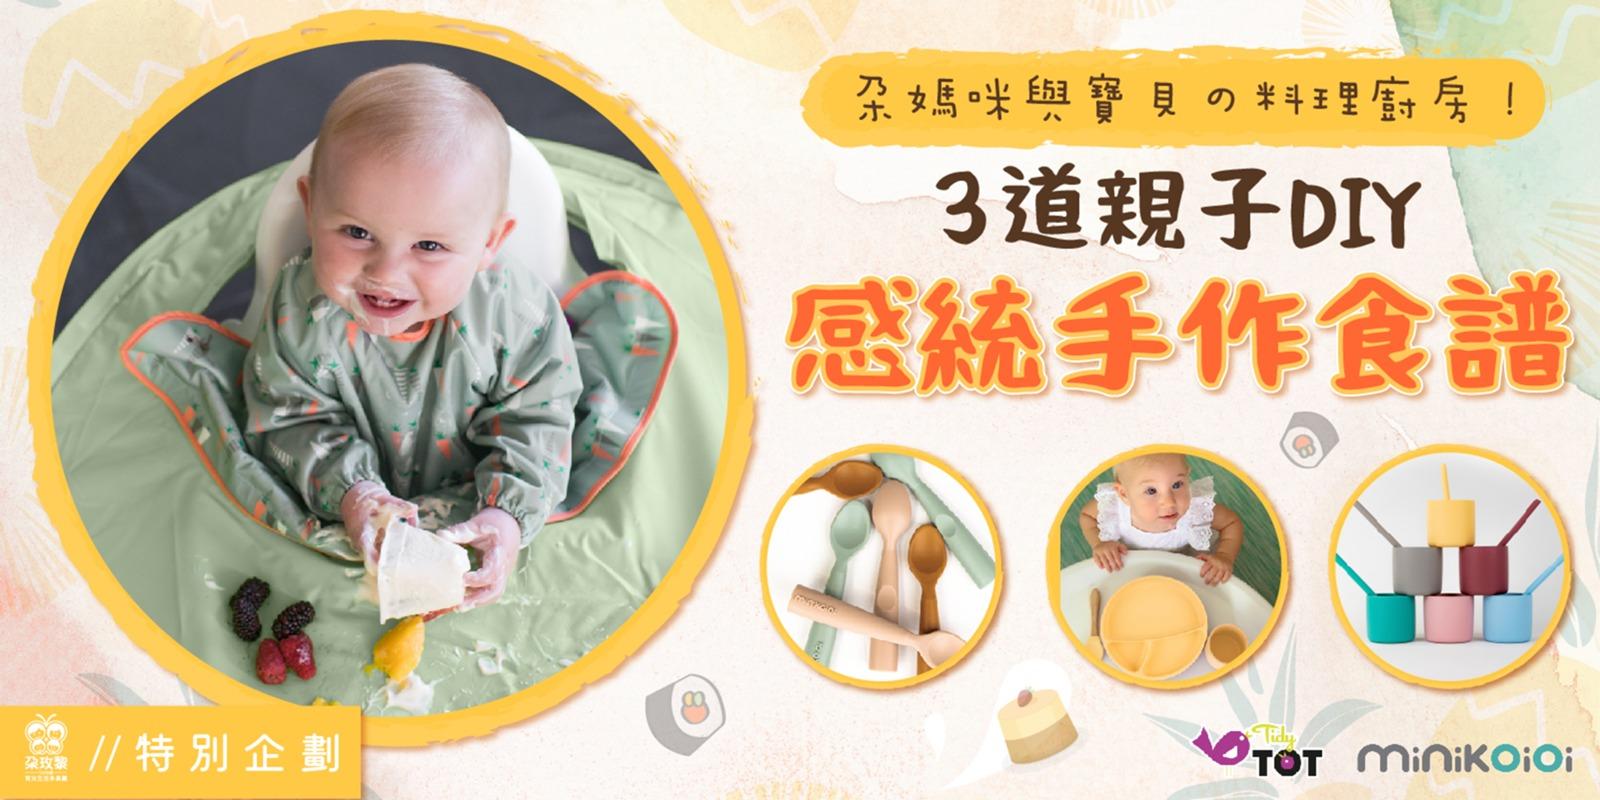 朶特企|朶媽咪與寶貝の料理廚房!3道親子DIY感統手作食譜